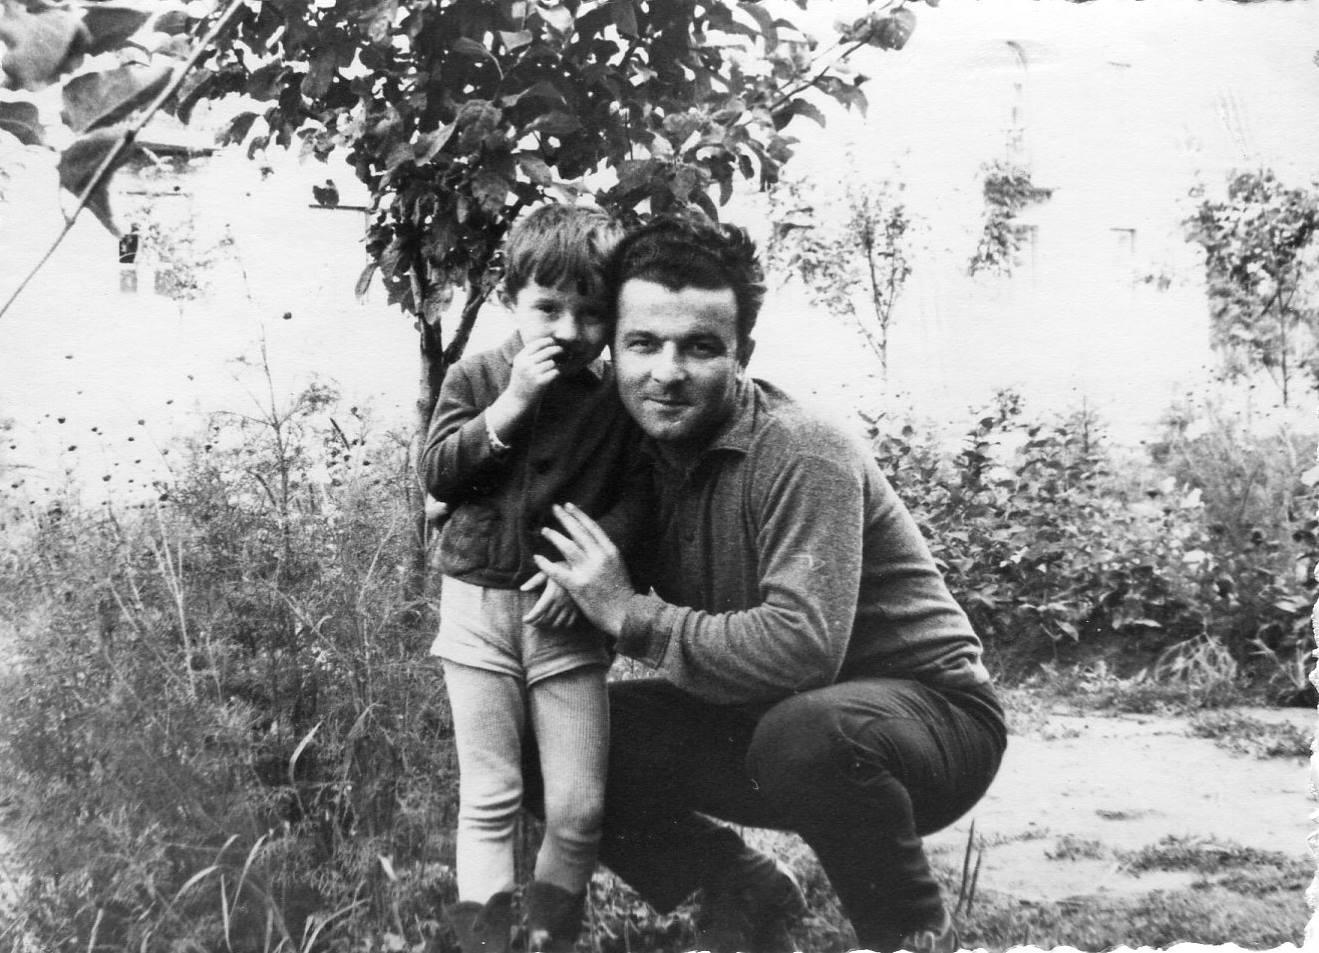 Арсен аваков фото в молодости